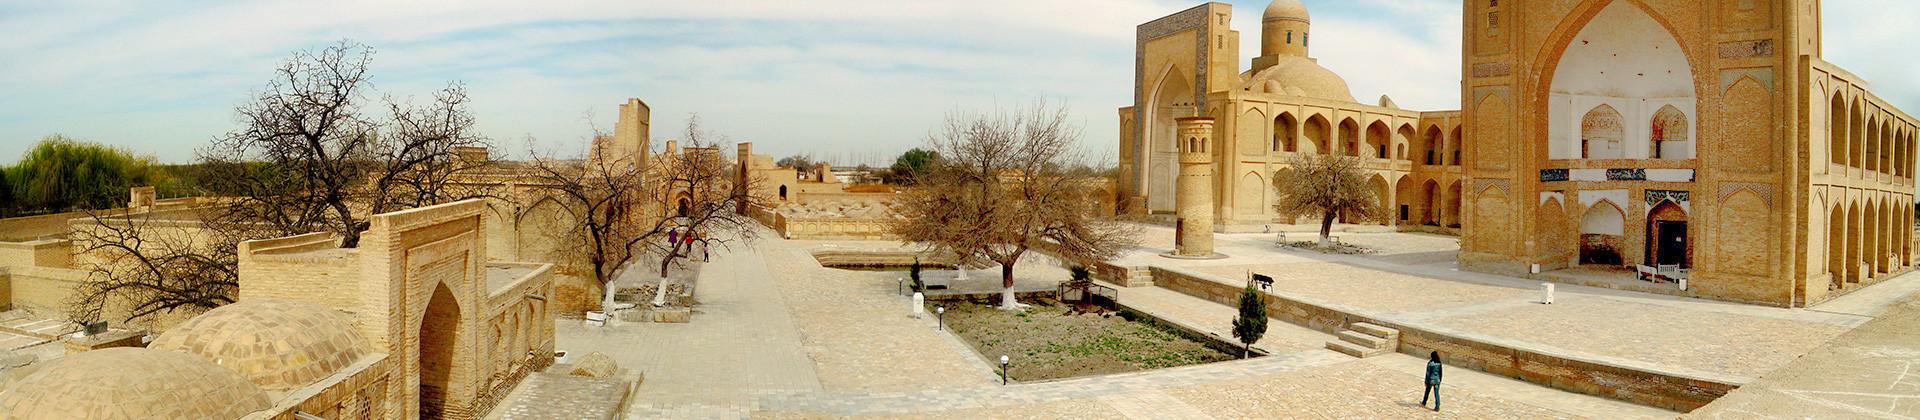 Welcome to Uzbekistan (Group) - 1